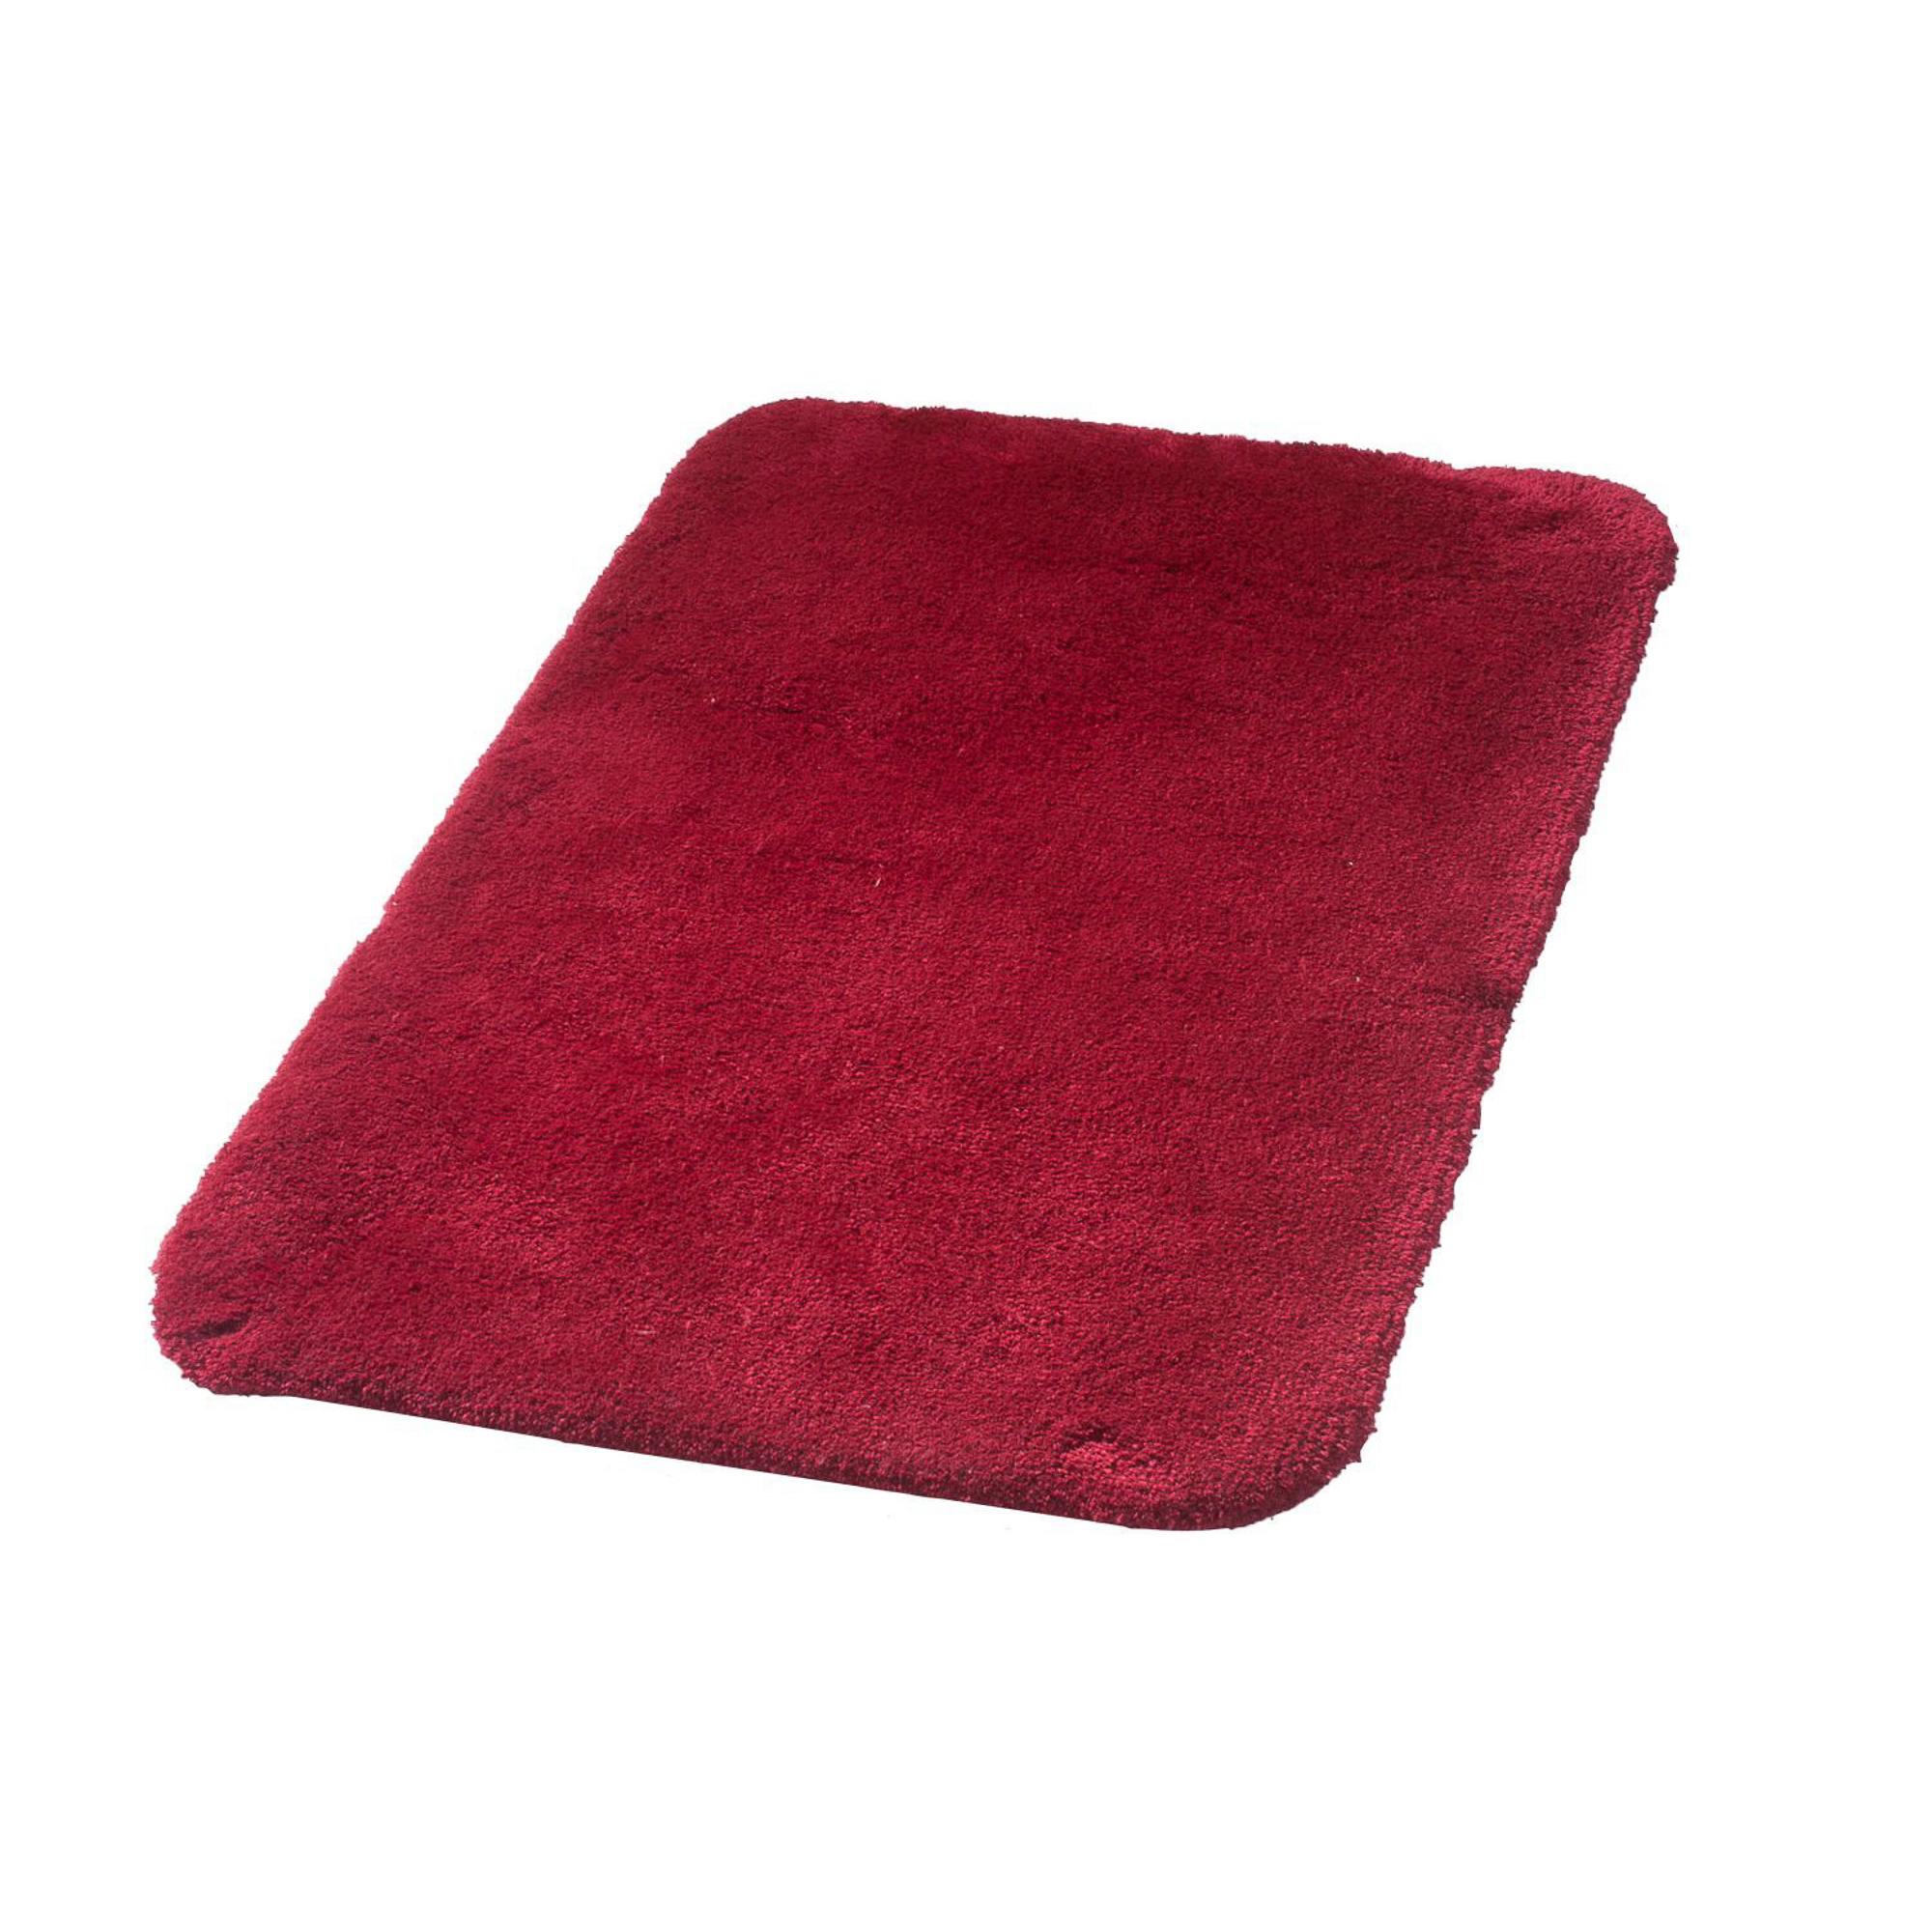 Коврик для ванной комнаты Istanbul красный 70*120 Ridder коврик для ванной комнаты ridder standard 50x80 красный